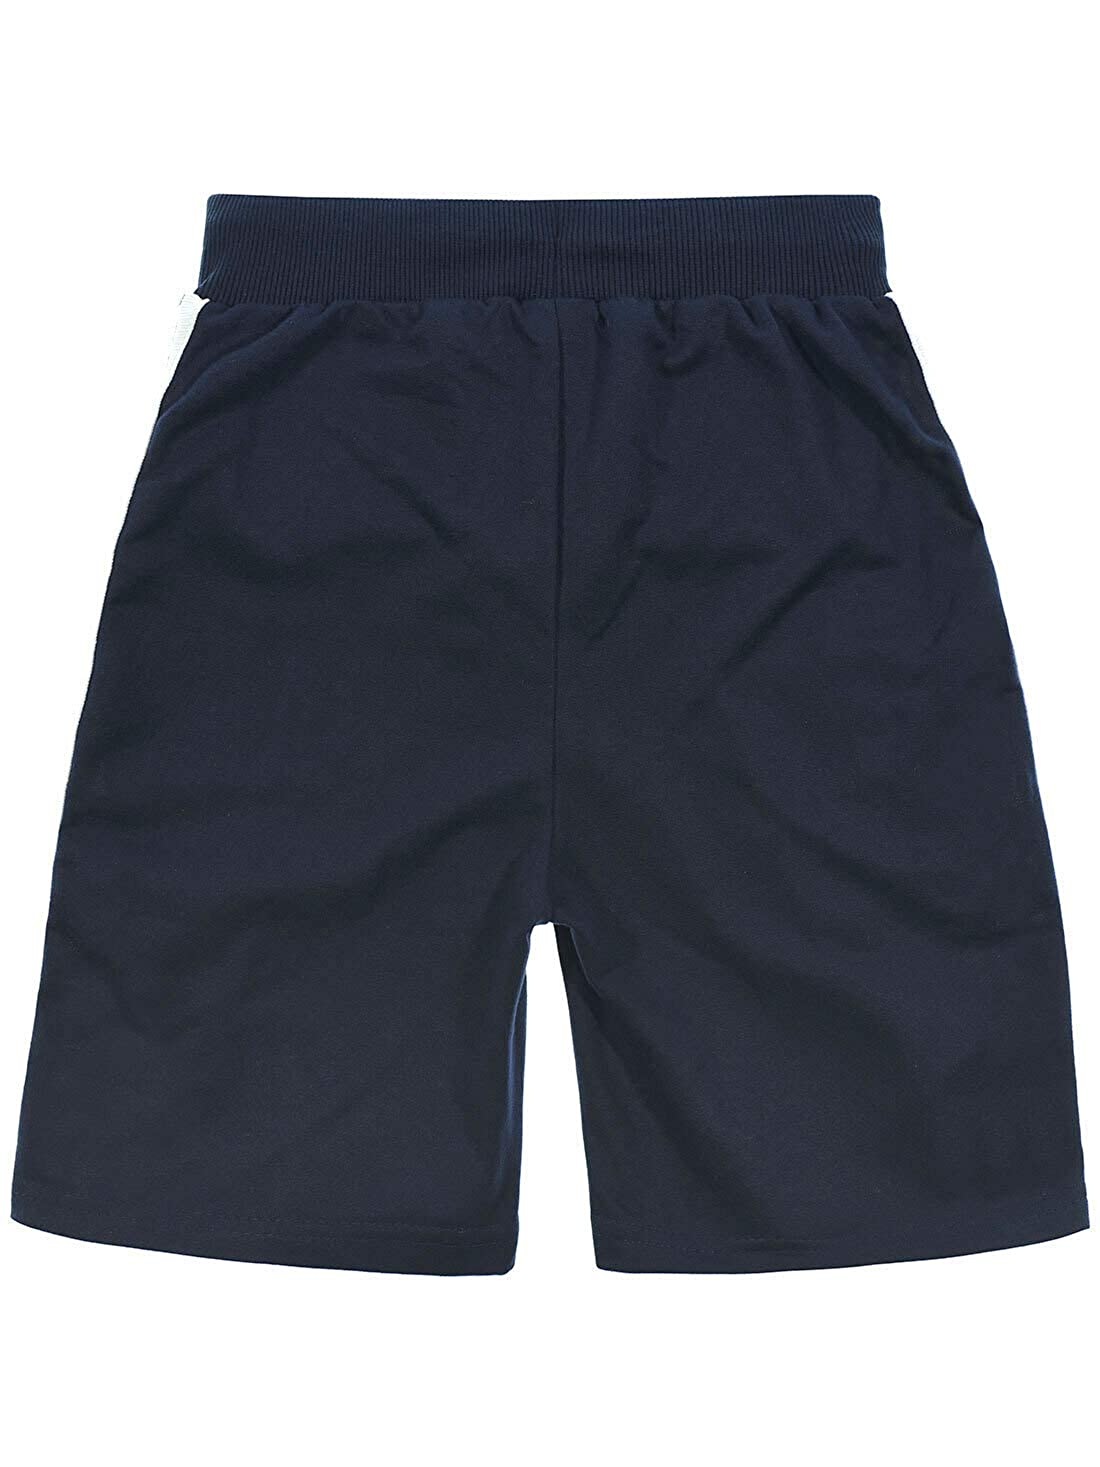 Kinder Jungen Shorts Strech 30078